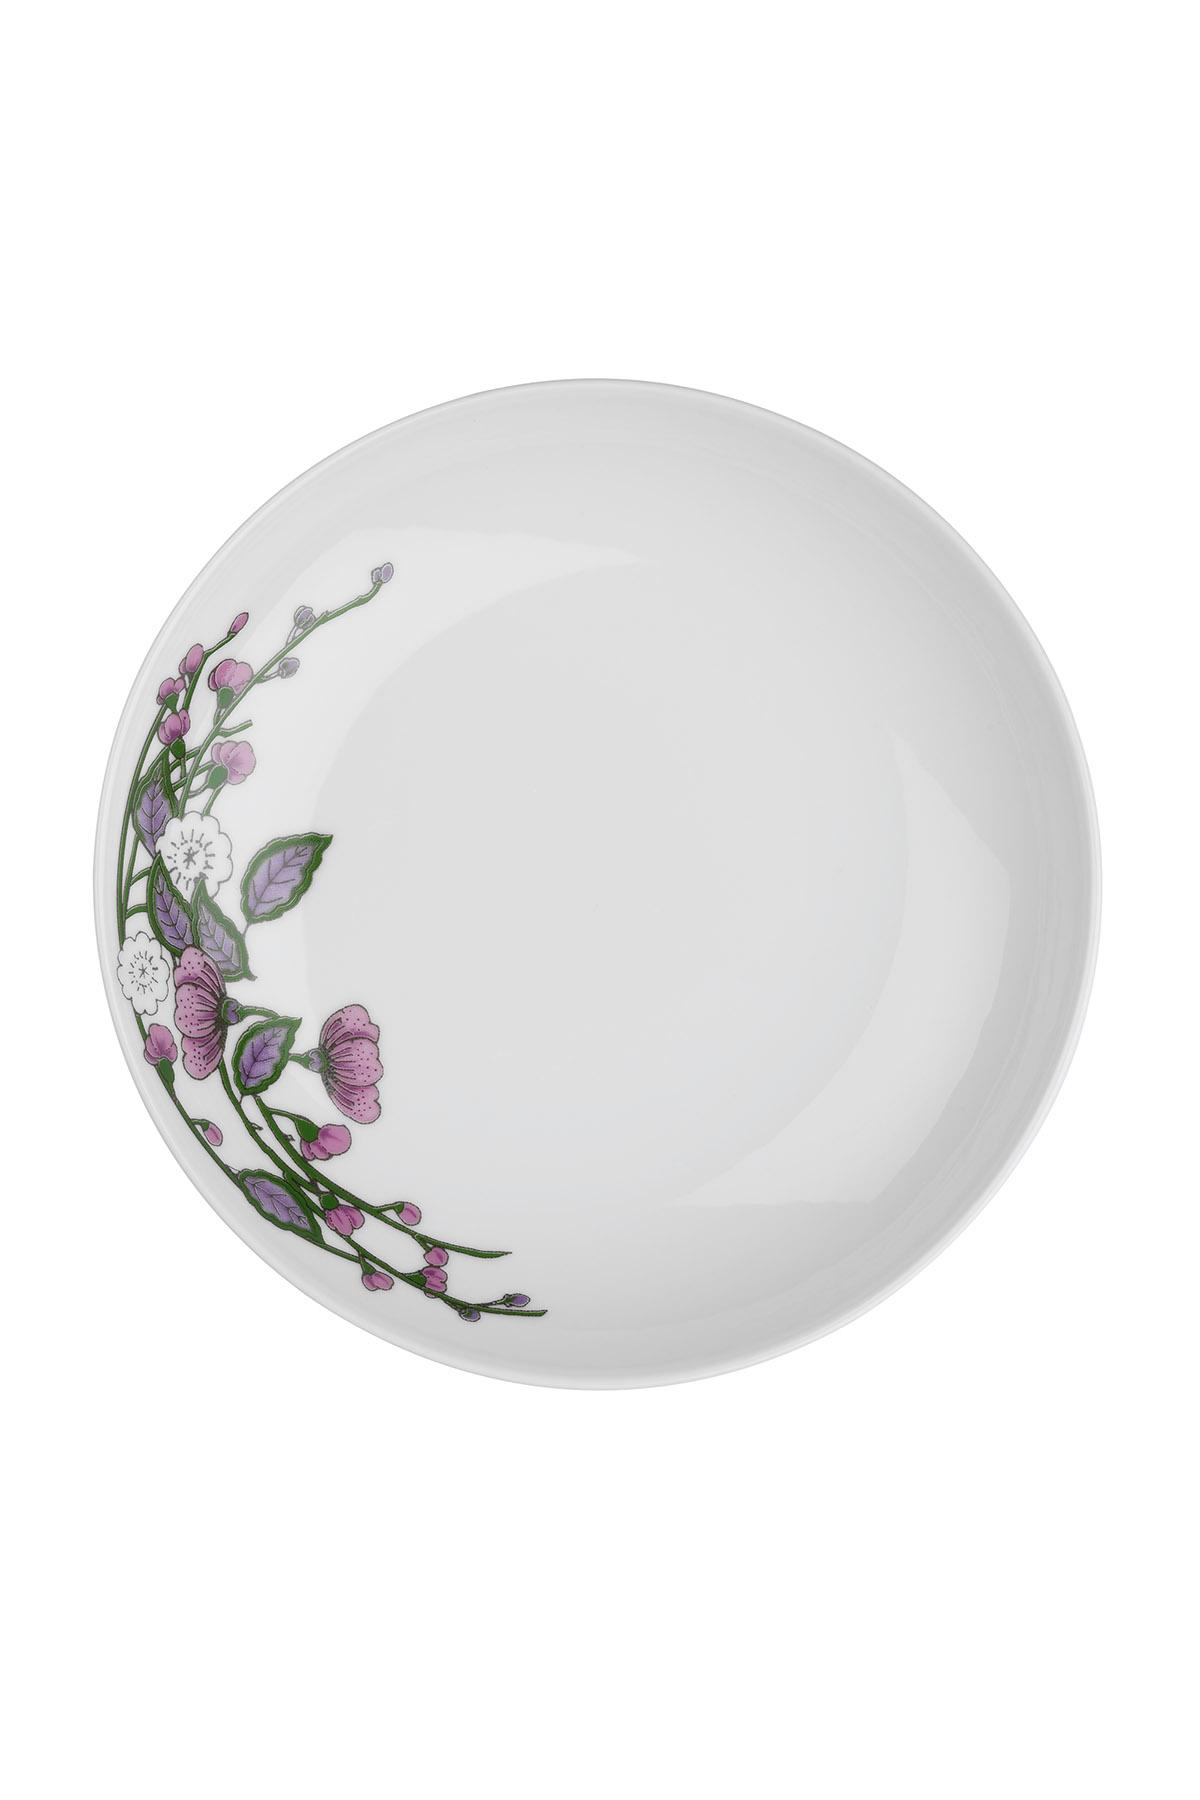 Kütahya Porselen Kadınlarım Serisi 9438 Desen 24 Parça Yemek Seti